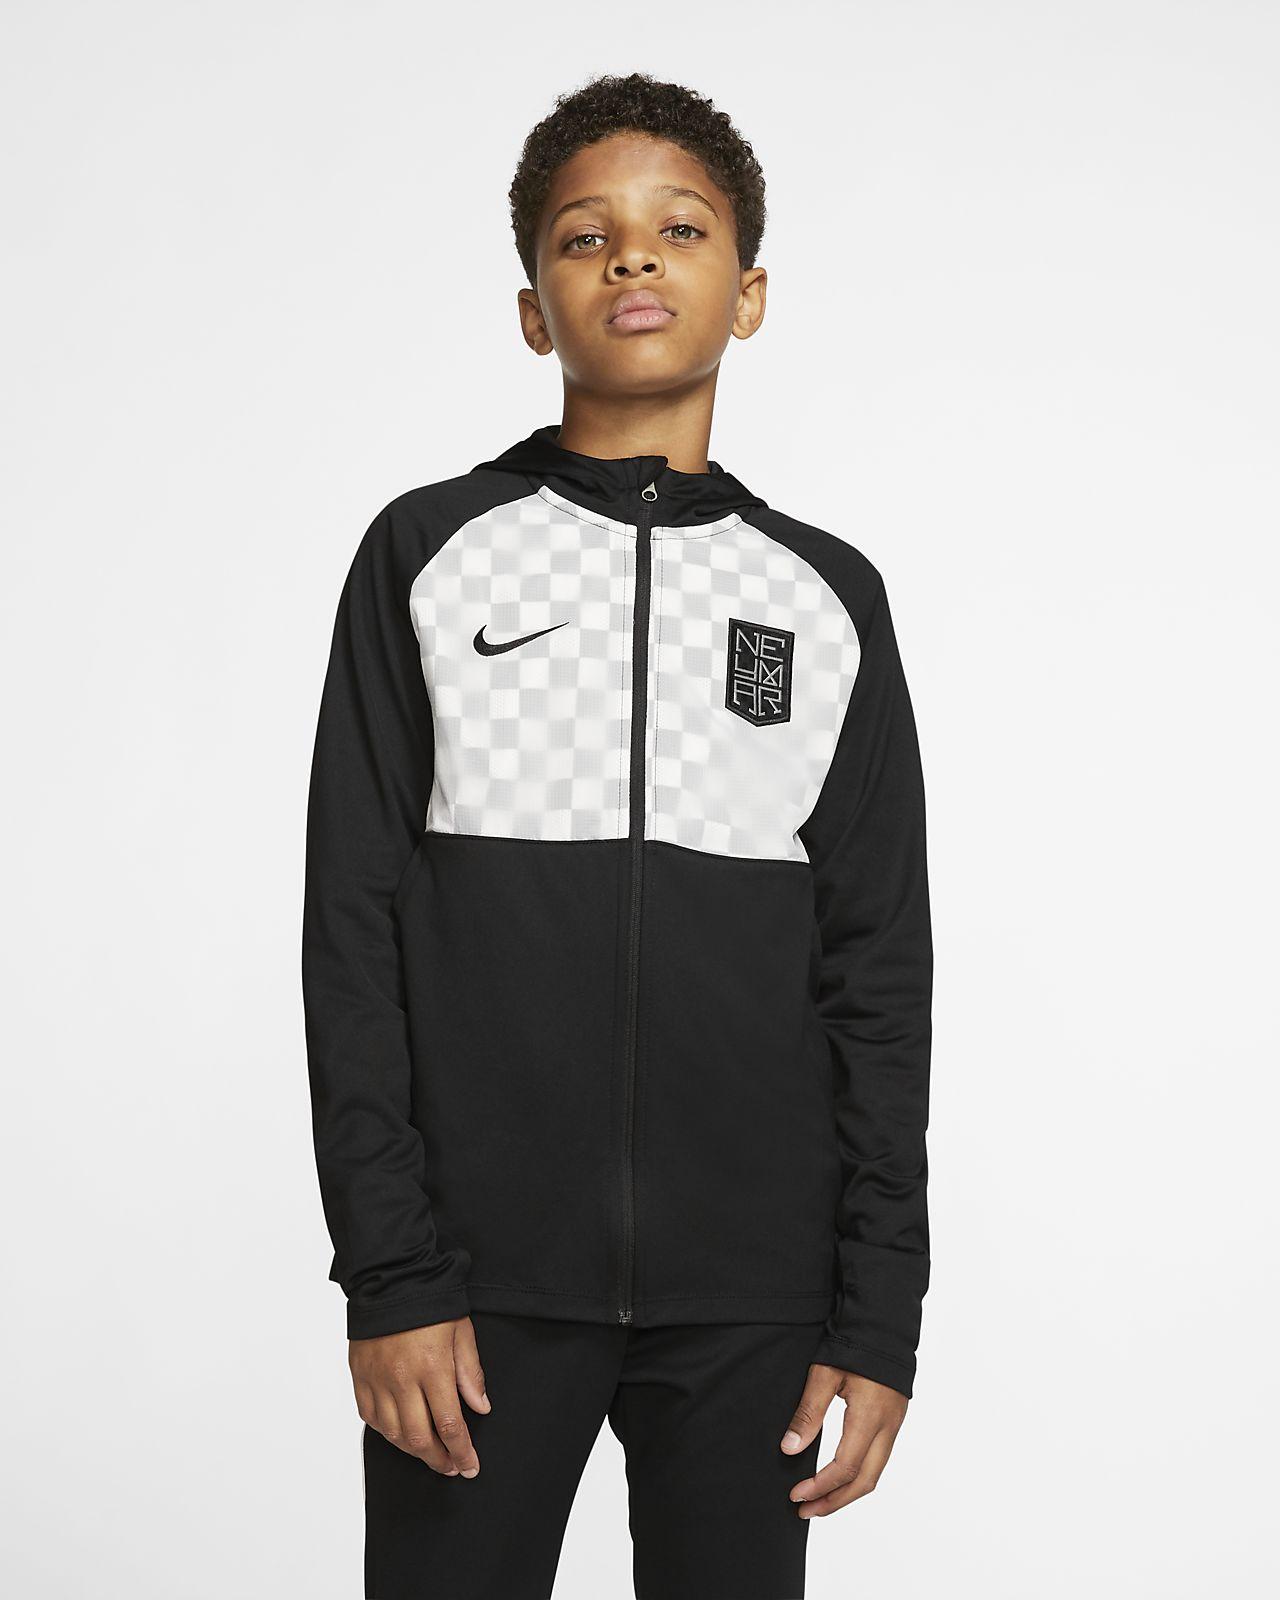 Fotbollsjacka Nike Dri-FIT Neymar Jr. för ungdom